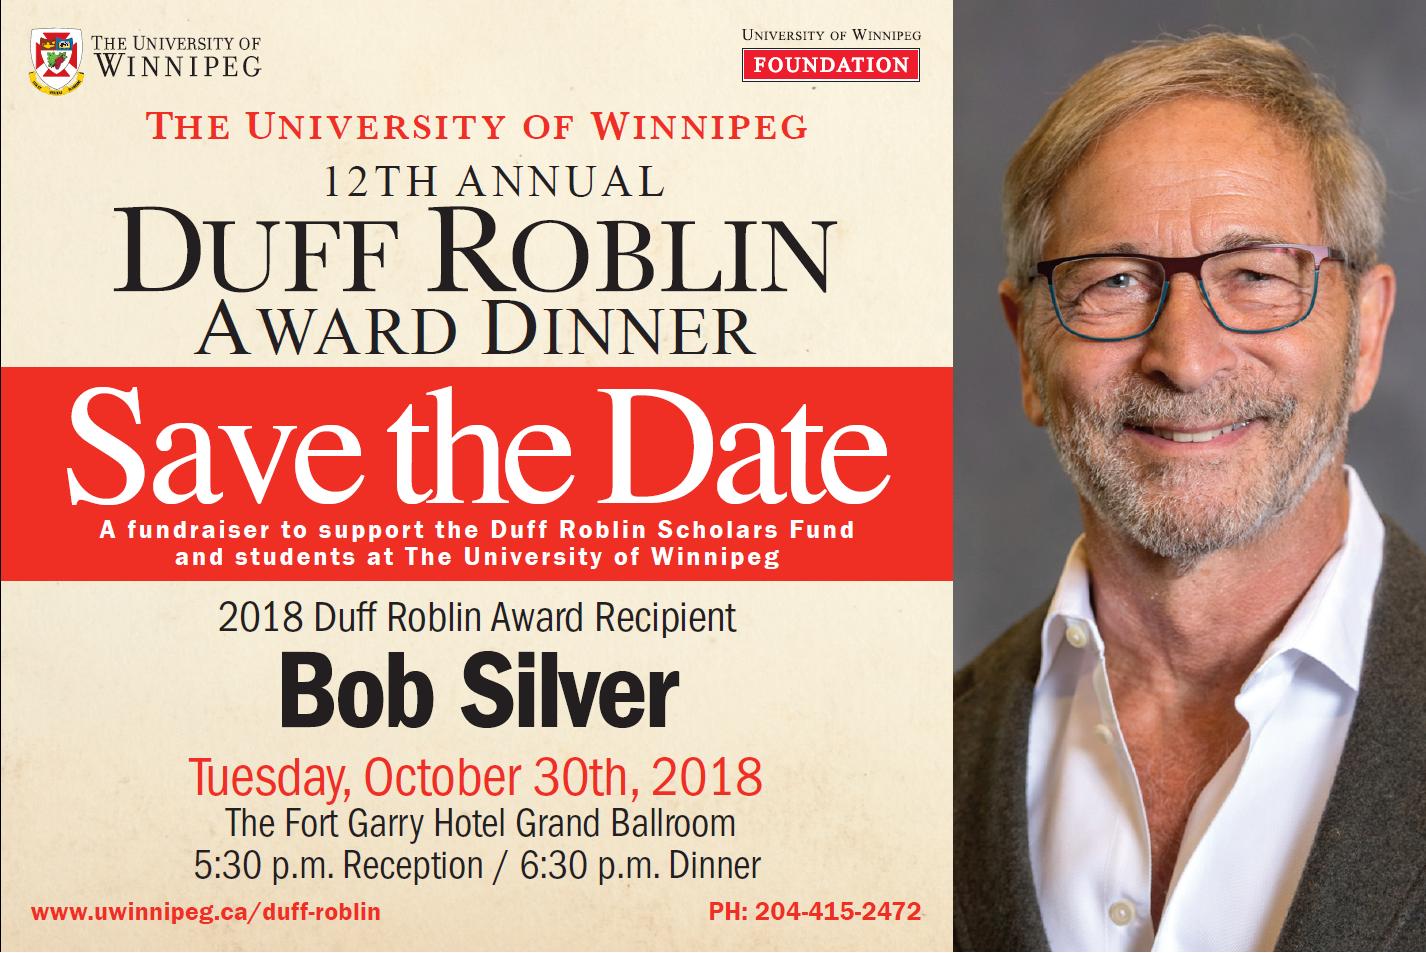 Duff Roblin Award